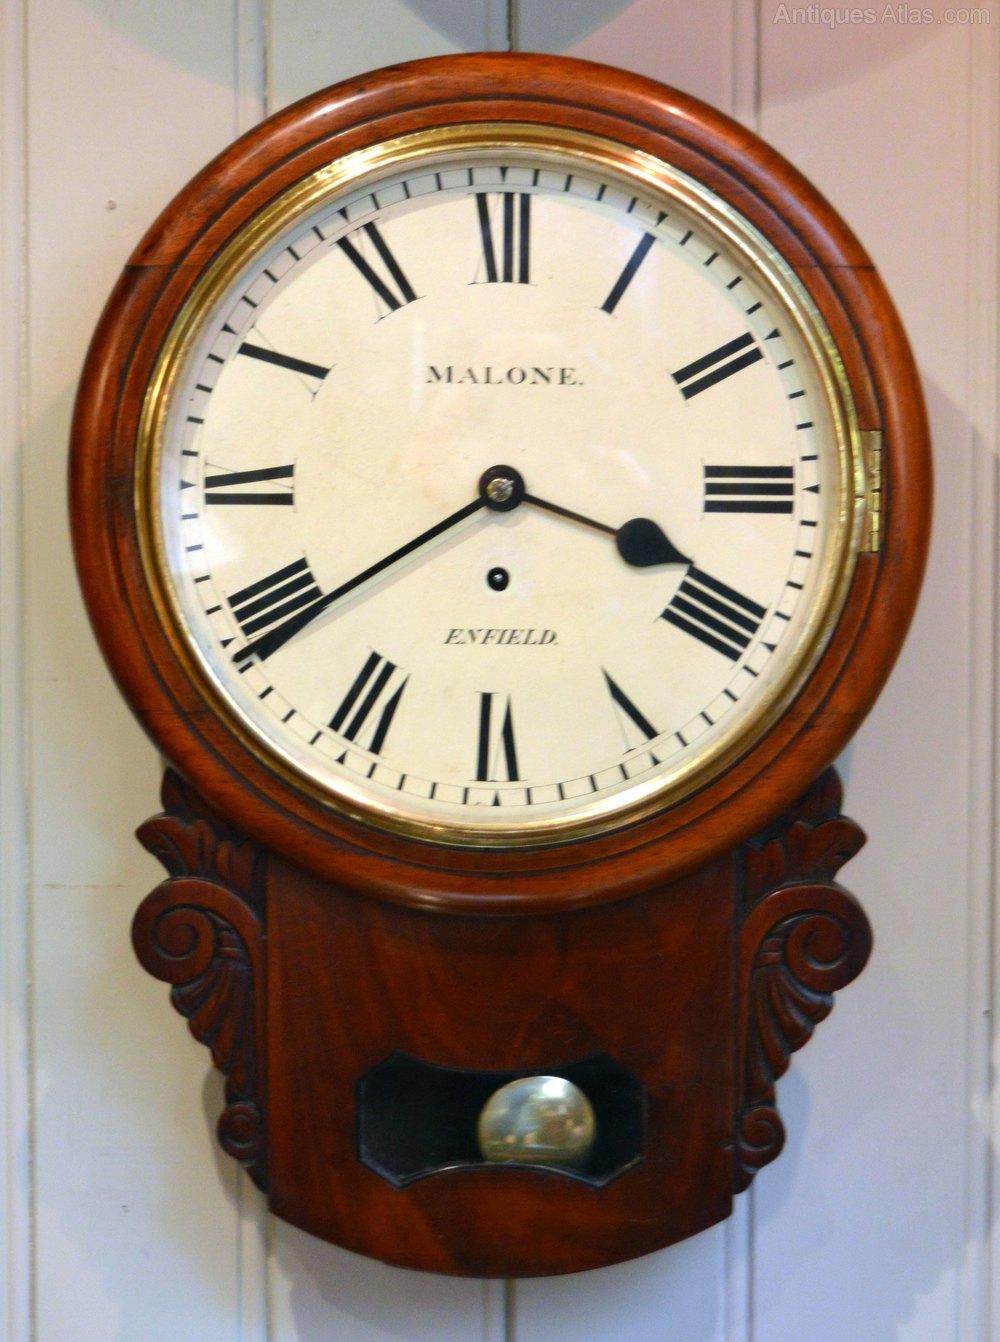 Antiques Atlas Mahogany Drop Dial Wall Clock